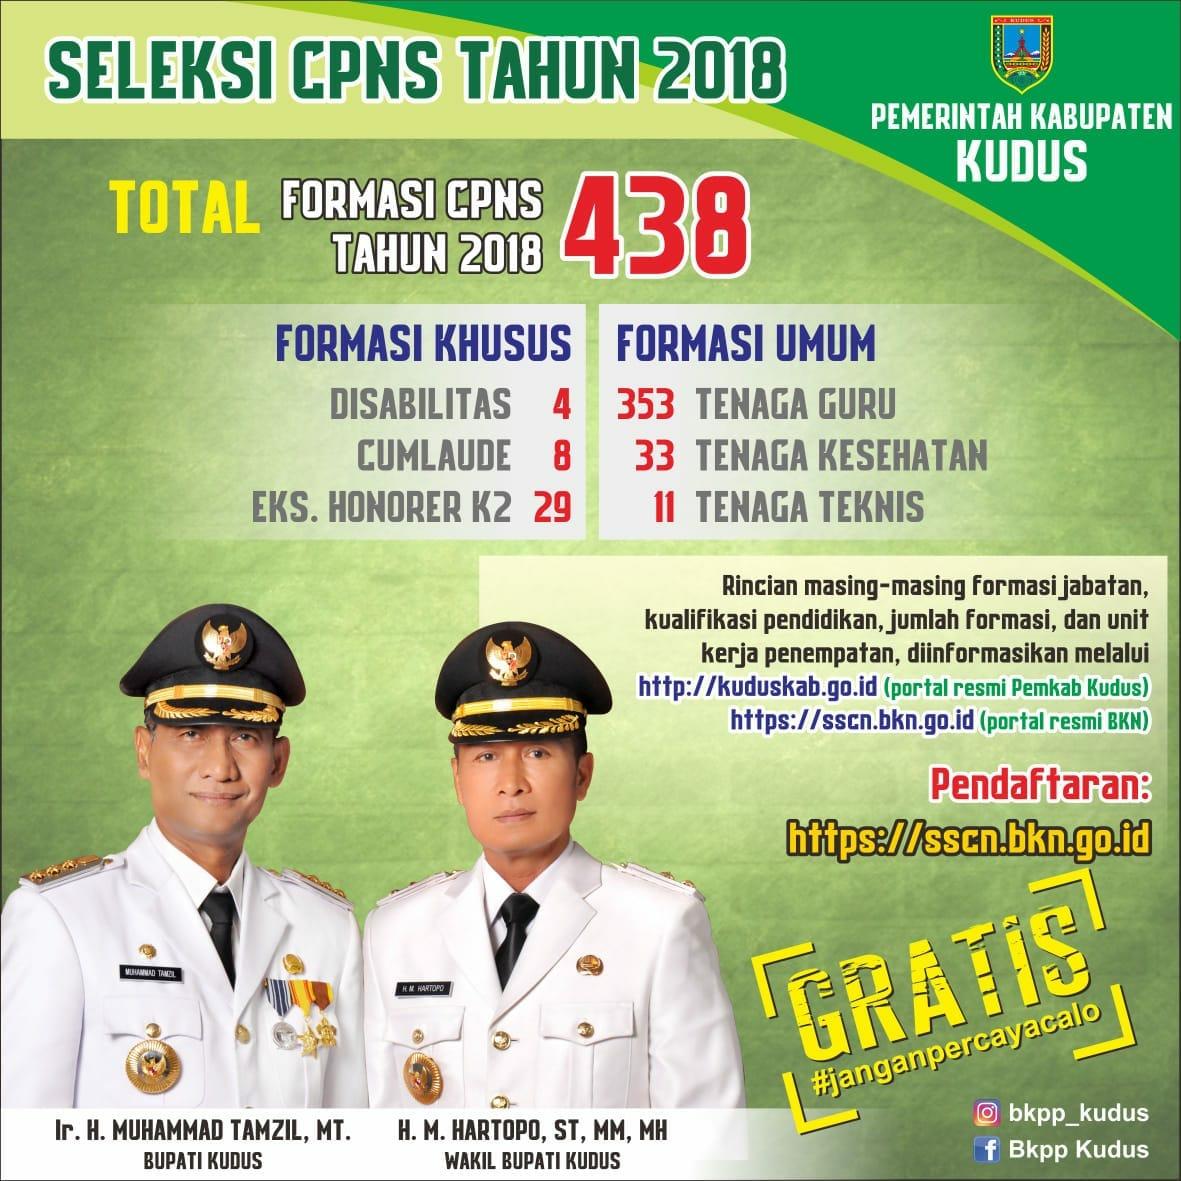 [UPDATE] Pengumuman Seleksi CPNS Di Lingkungan Pemerintah Kabupaten Kudus Formasi Tahun 2018